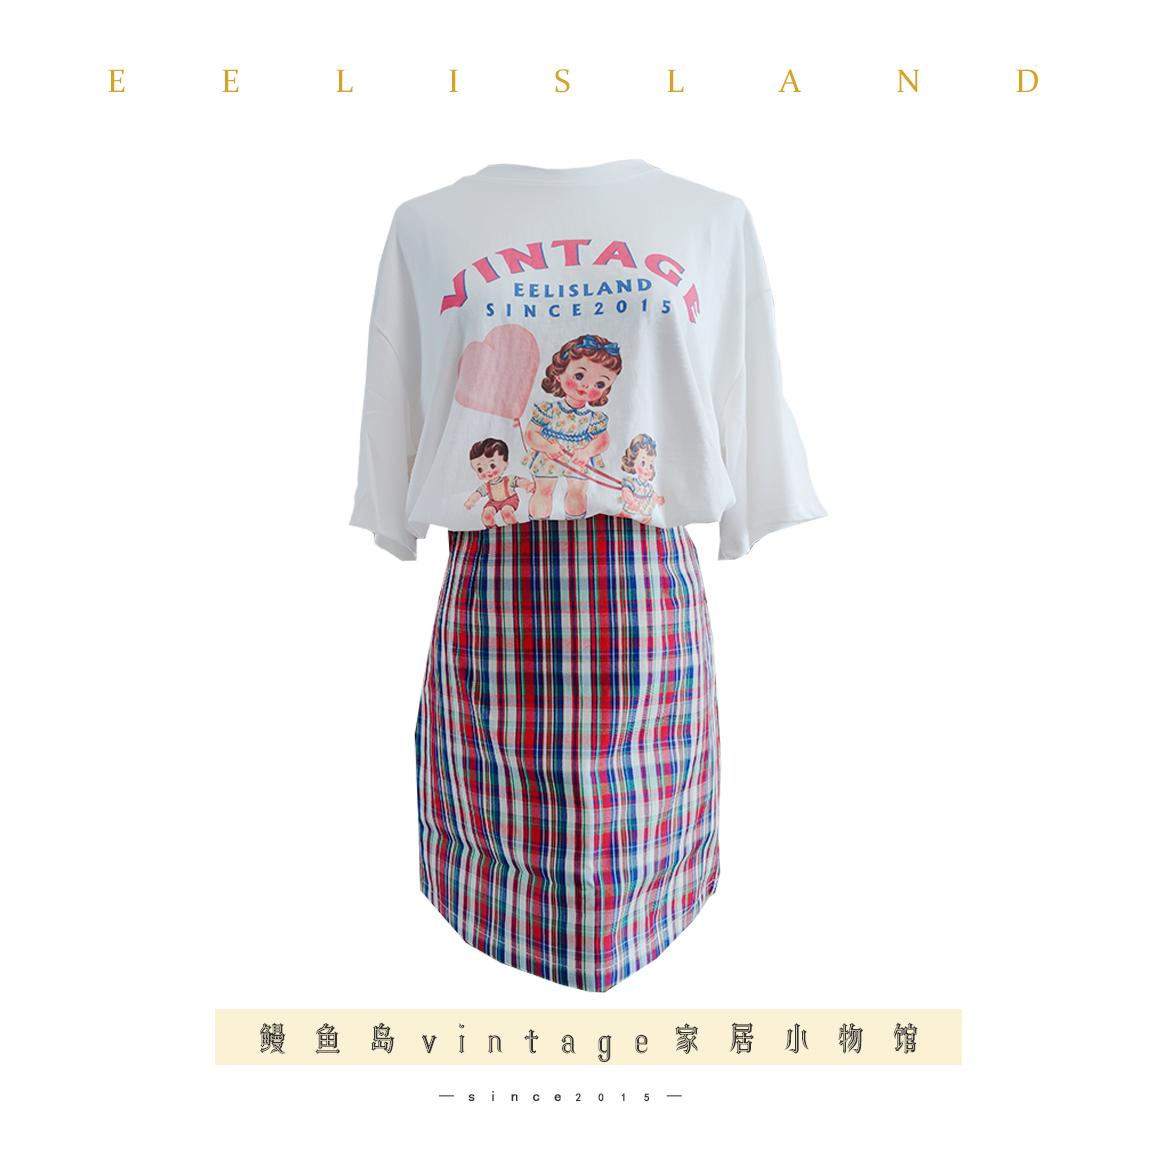 原创vintage古董娃娃OVERSIZE宽松印花白色短袖半袖T恤上衣